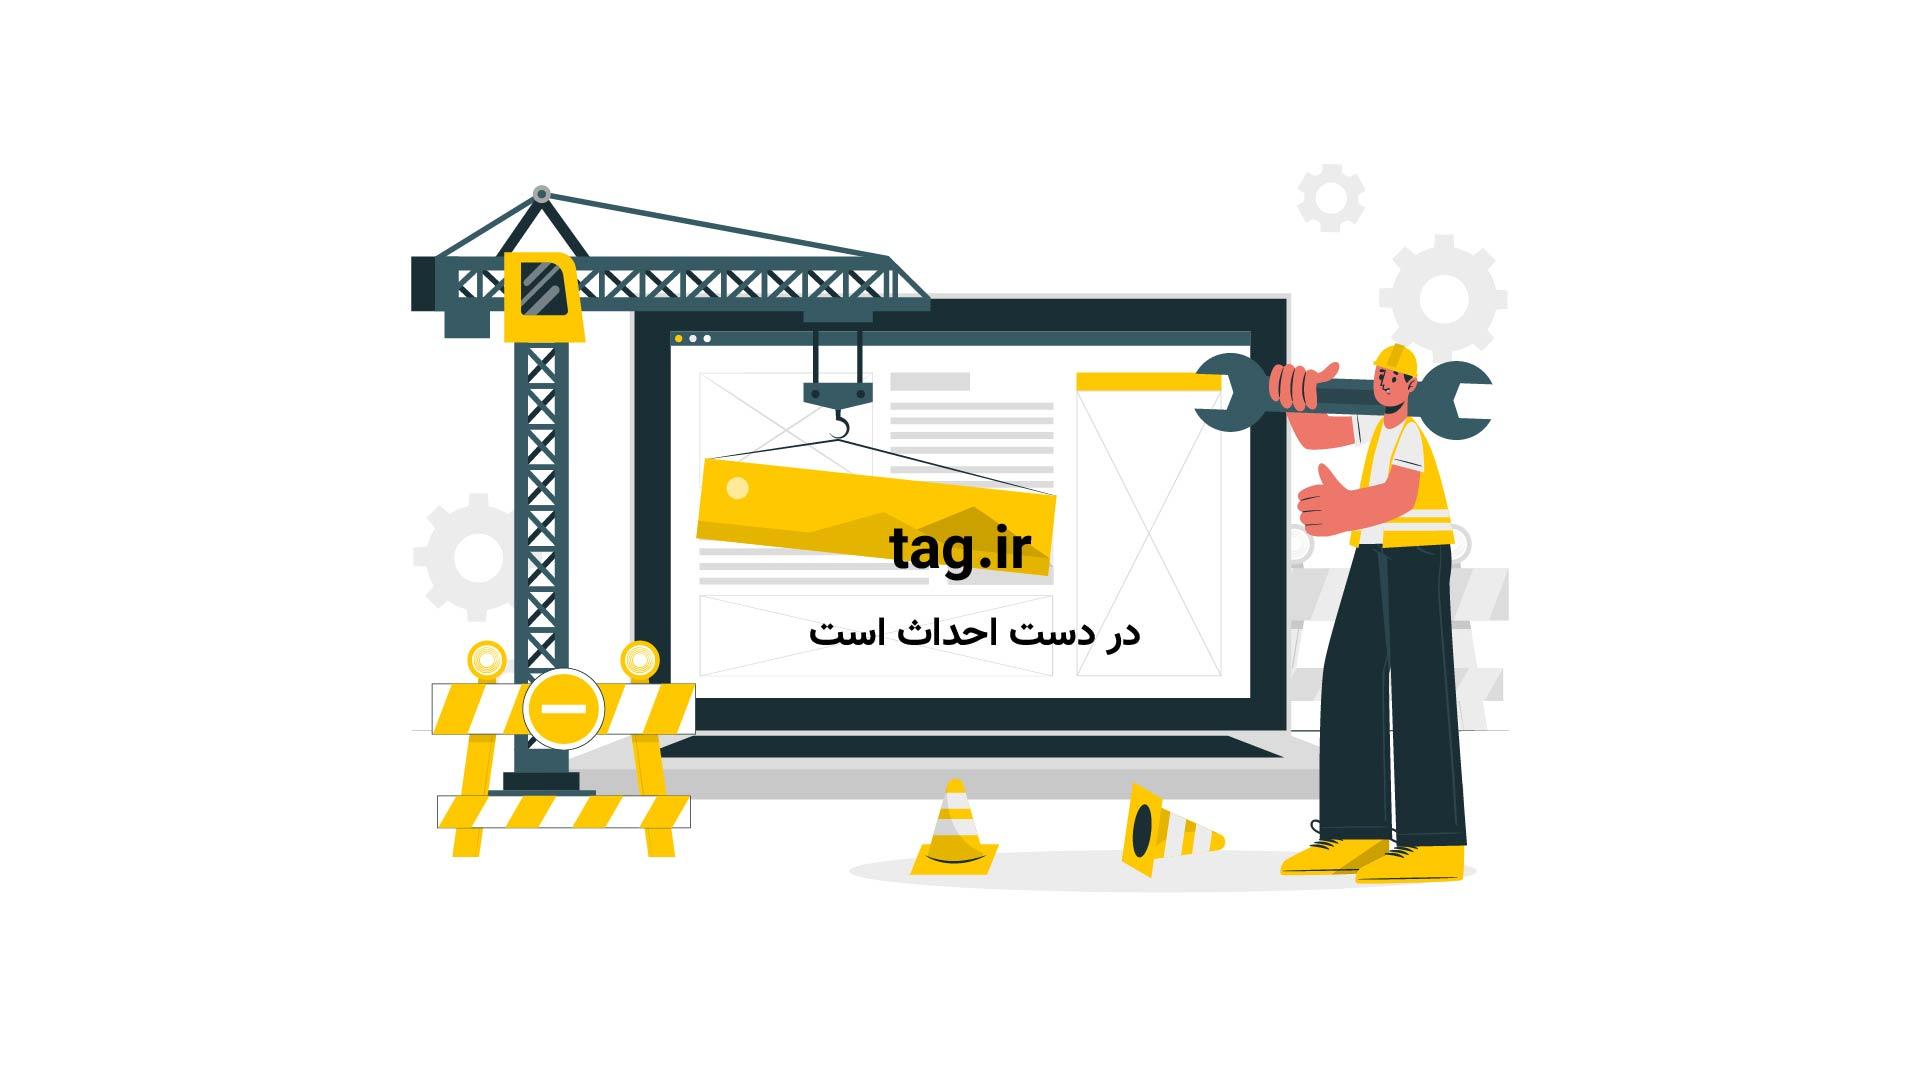 توفان مرگبار میسیسی پی آمریکا   فیلم